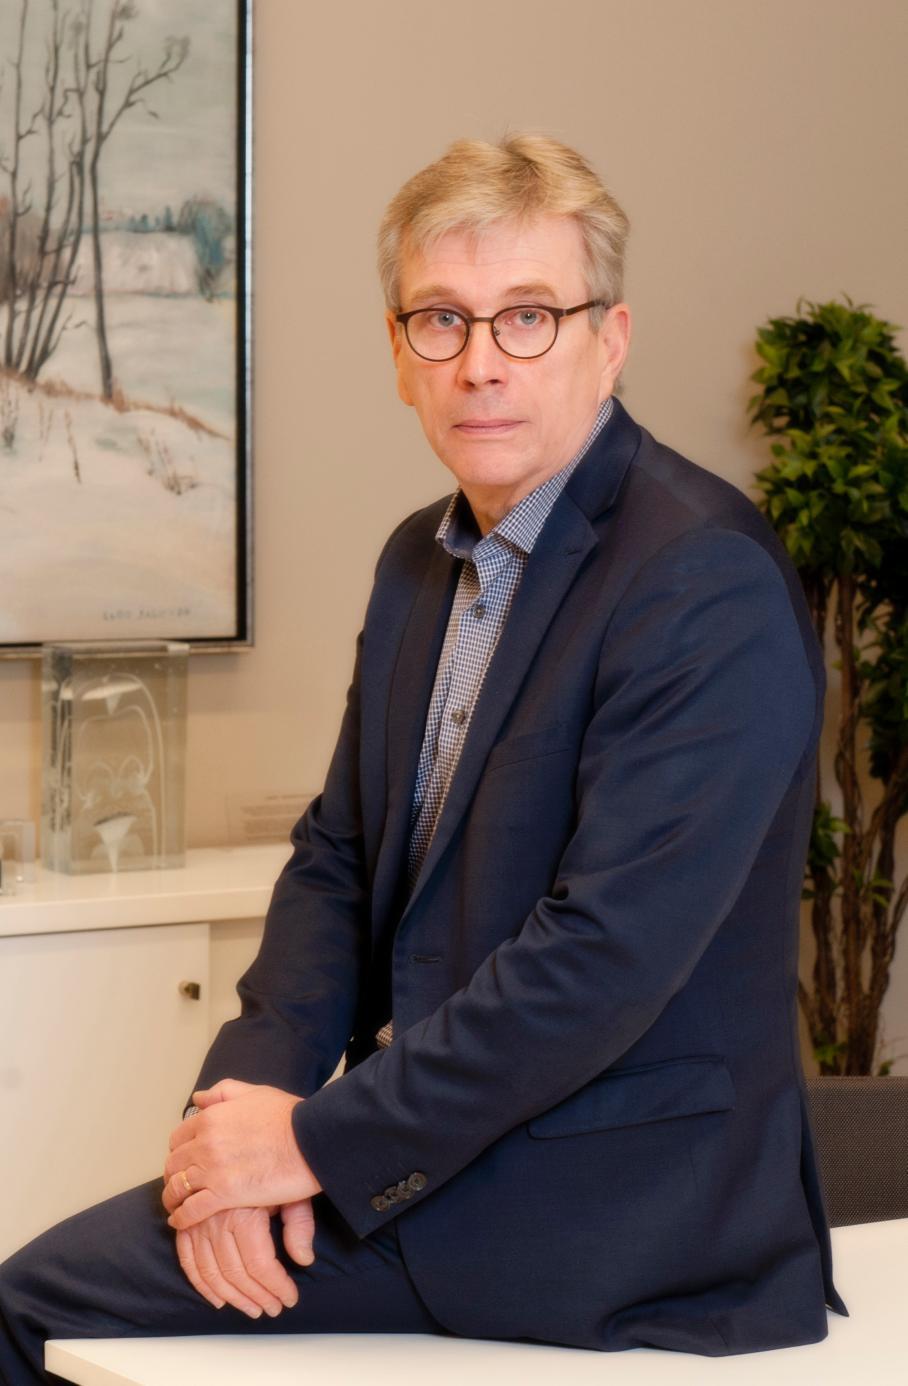 Heikki-Juhani Rimpinen